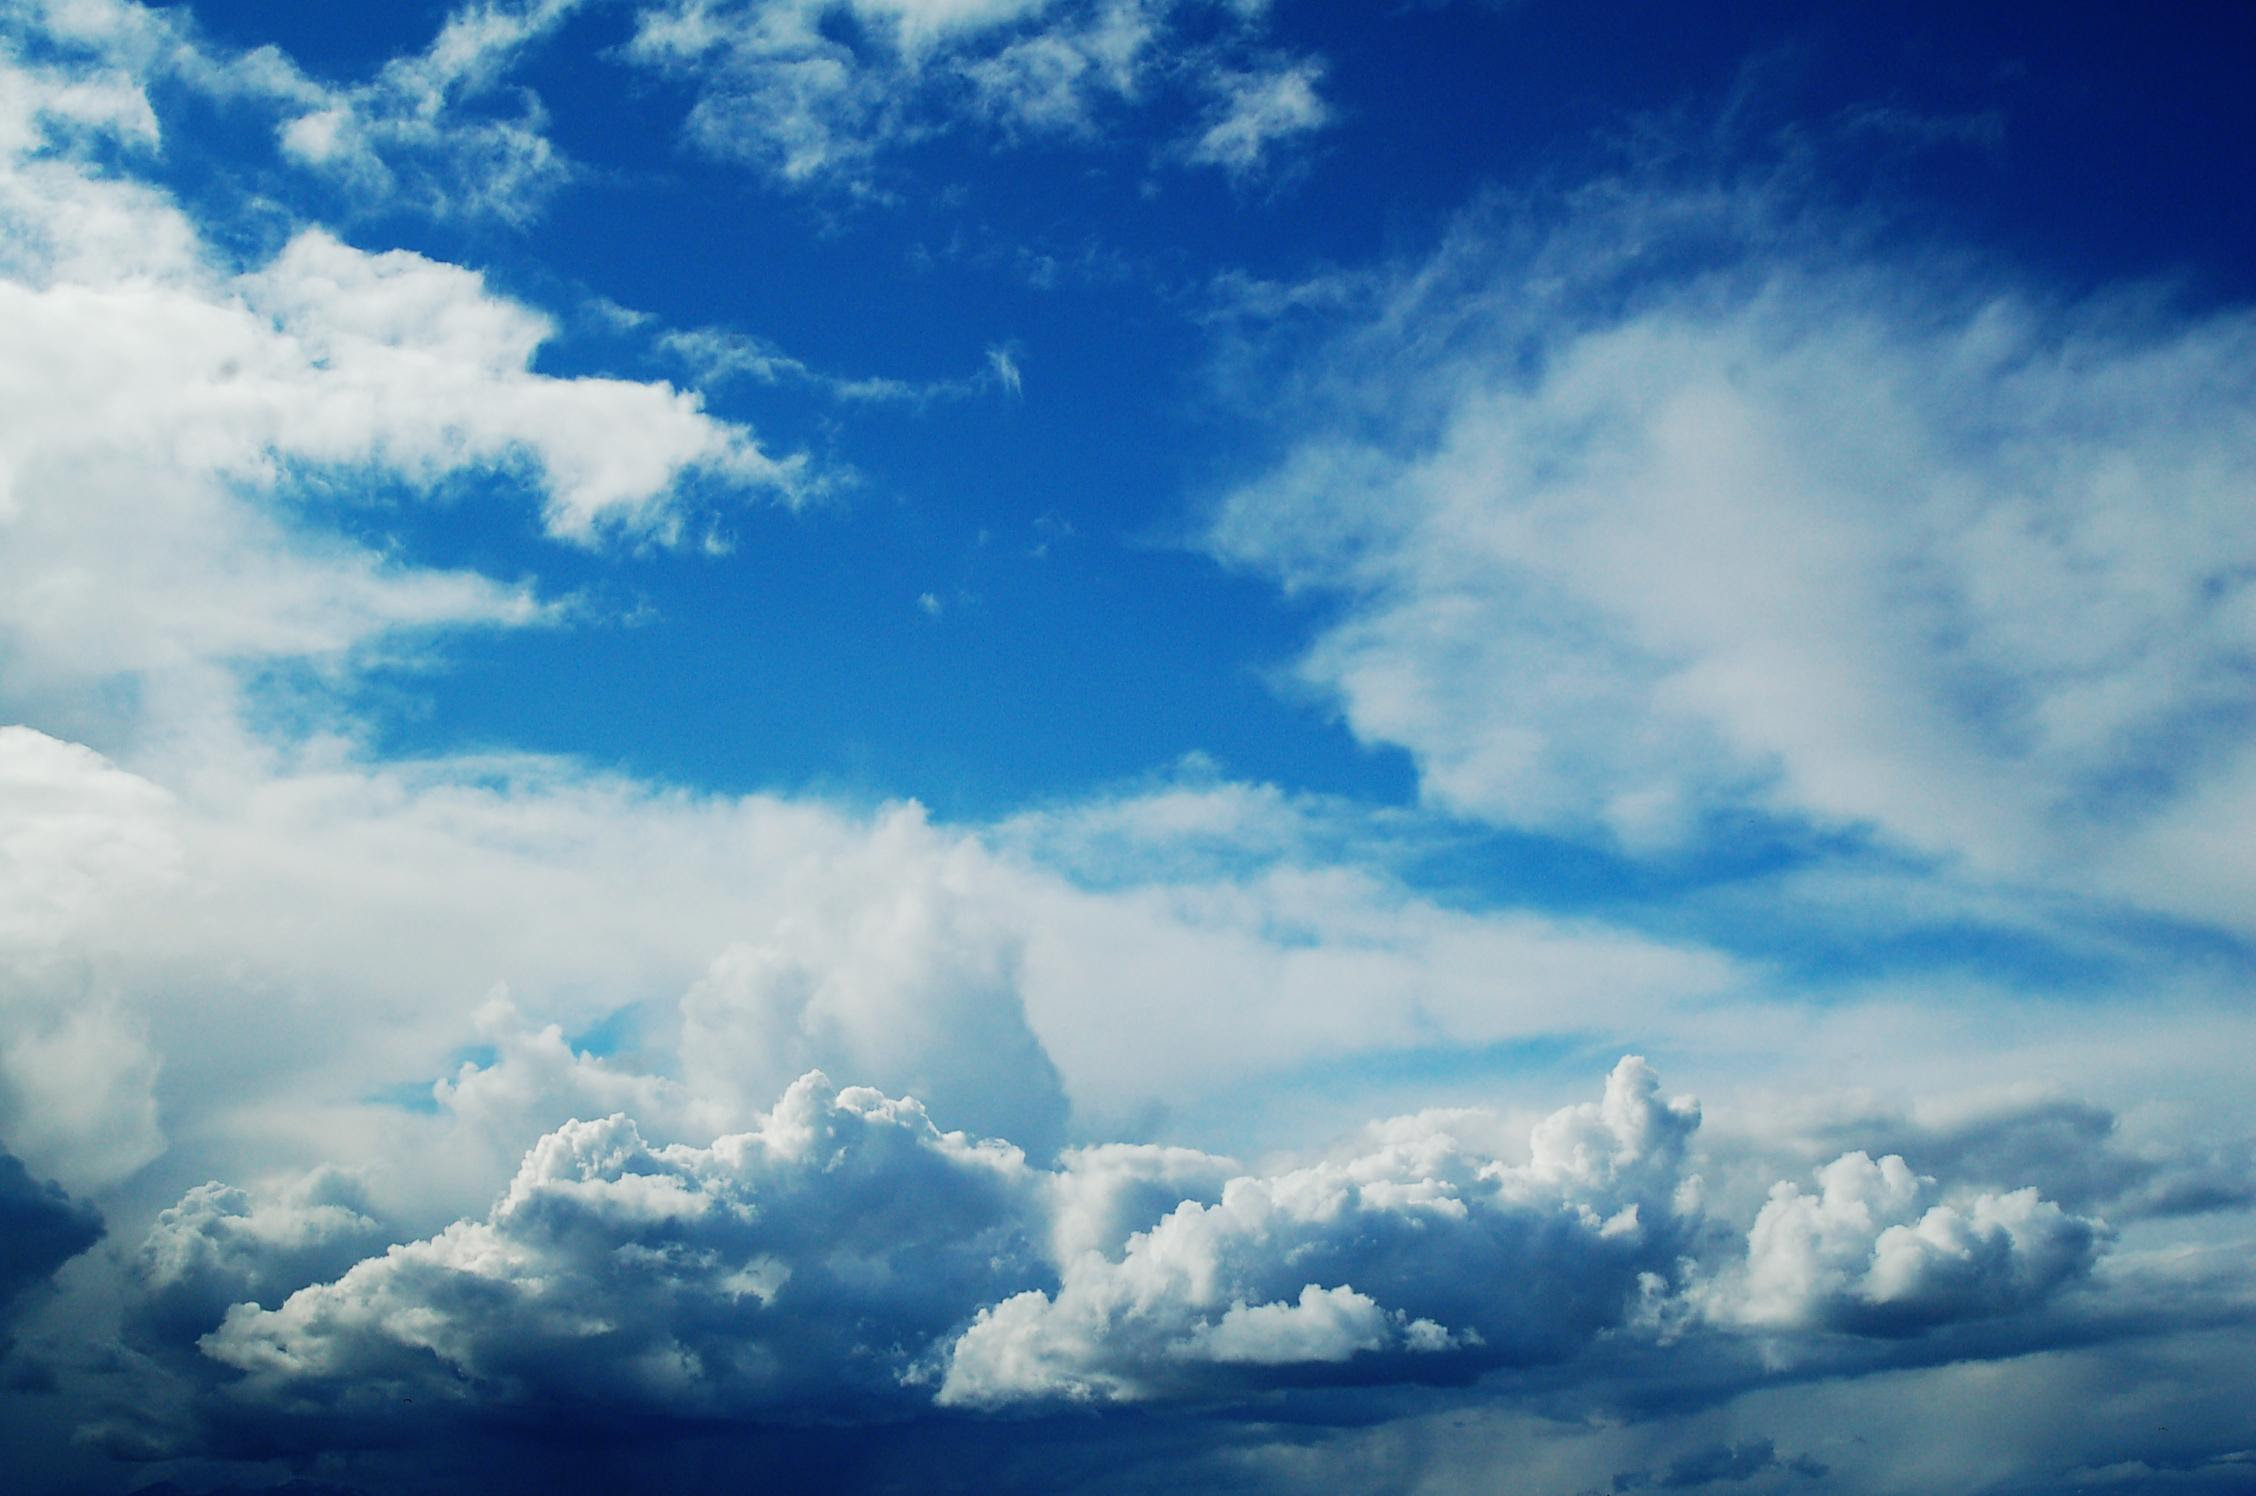 awan wallpaper, lang